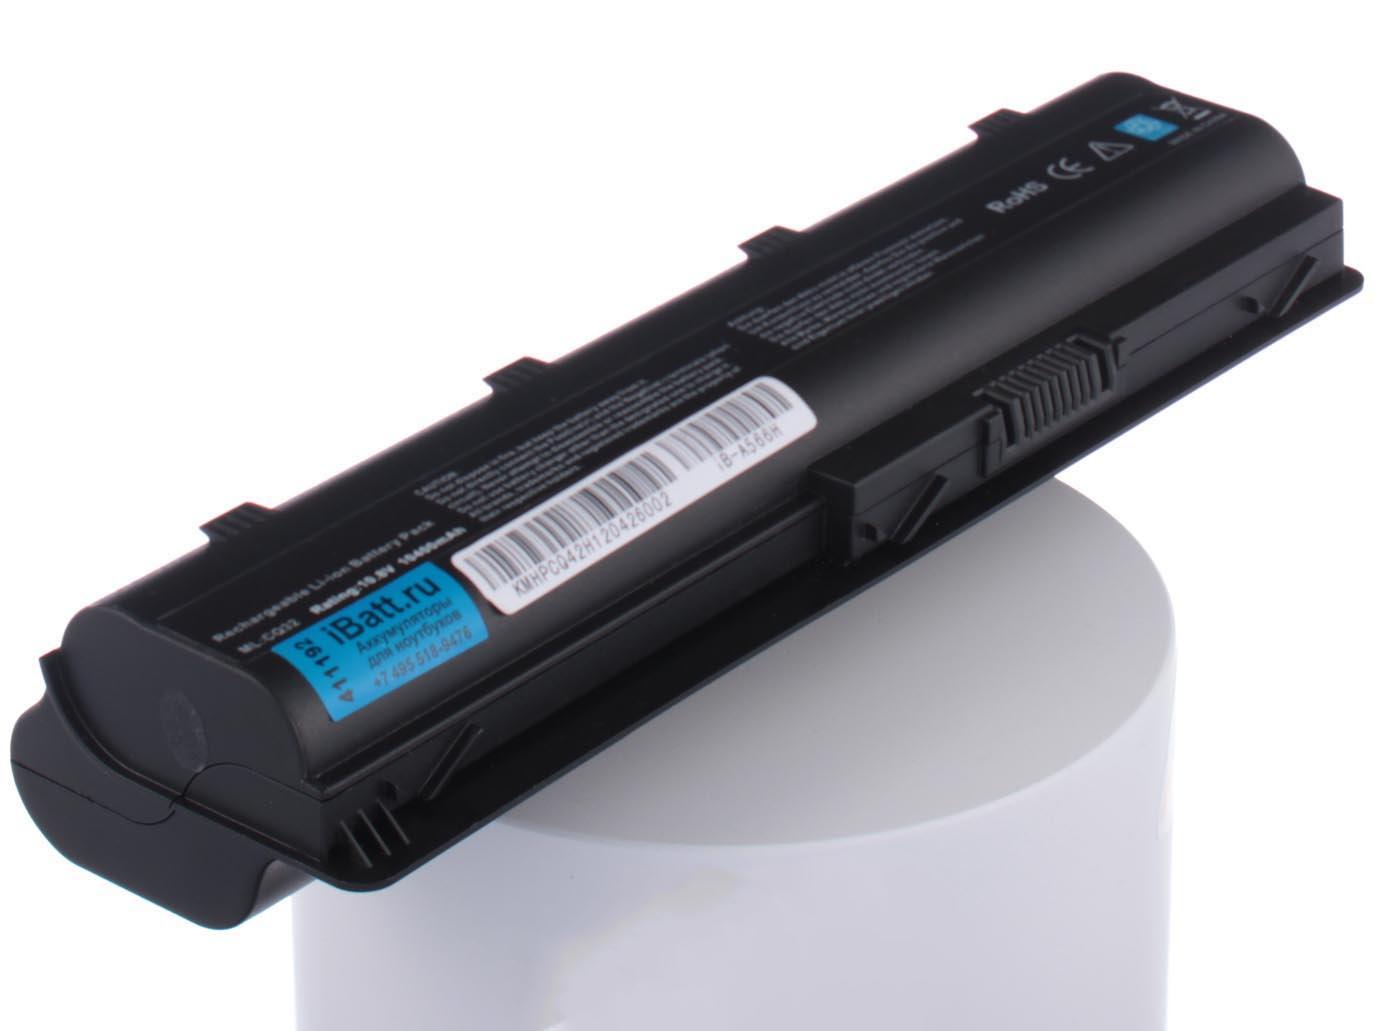 Аккумулятор для ноутбука iBatt HP-Compaq Pavilion g6-2322sr, dv6-6176er, ENVY 17-2000er, dv6-6c04er, g6-1054er, g6-1207er, g6-1305er, g6-1338er, g6-2206sr